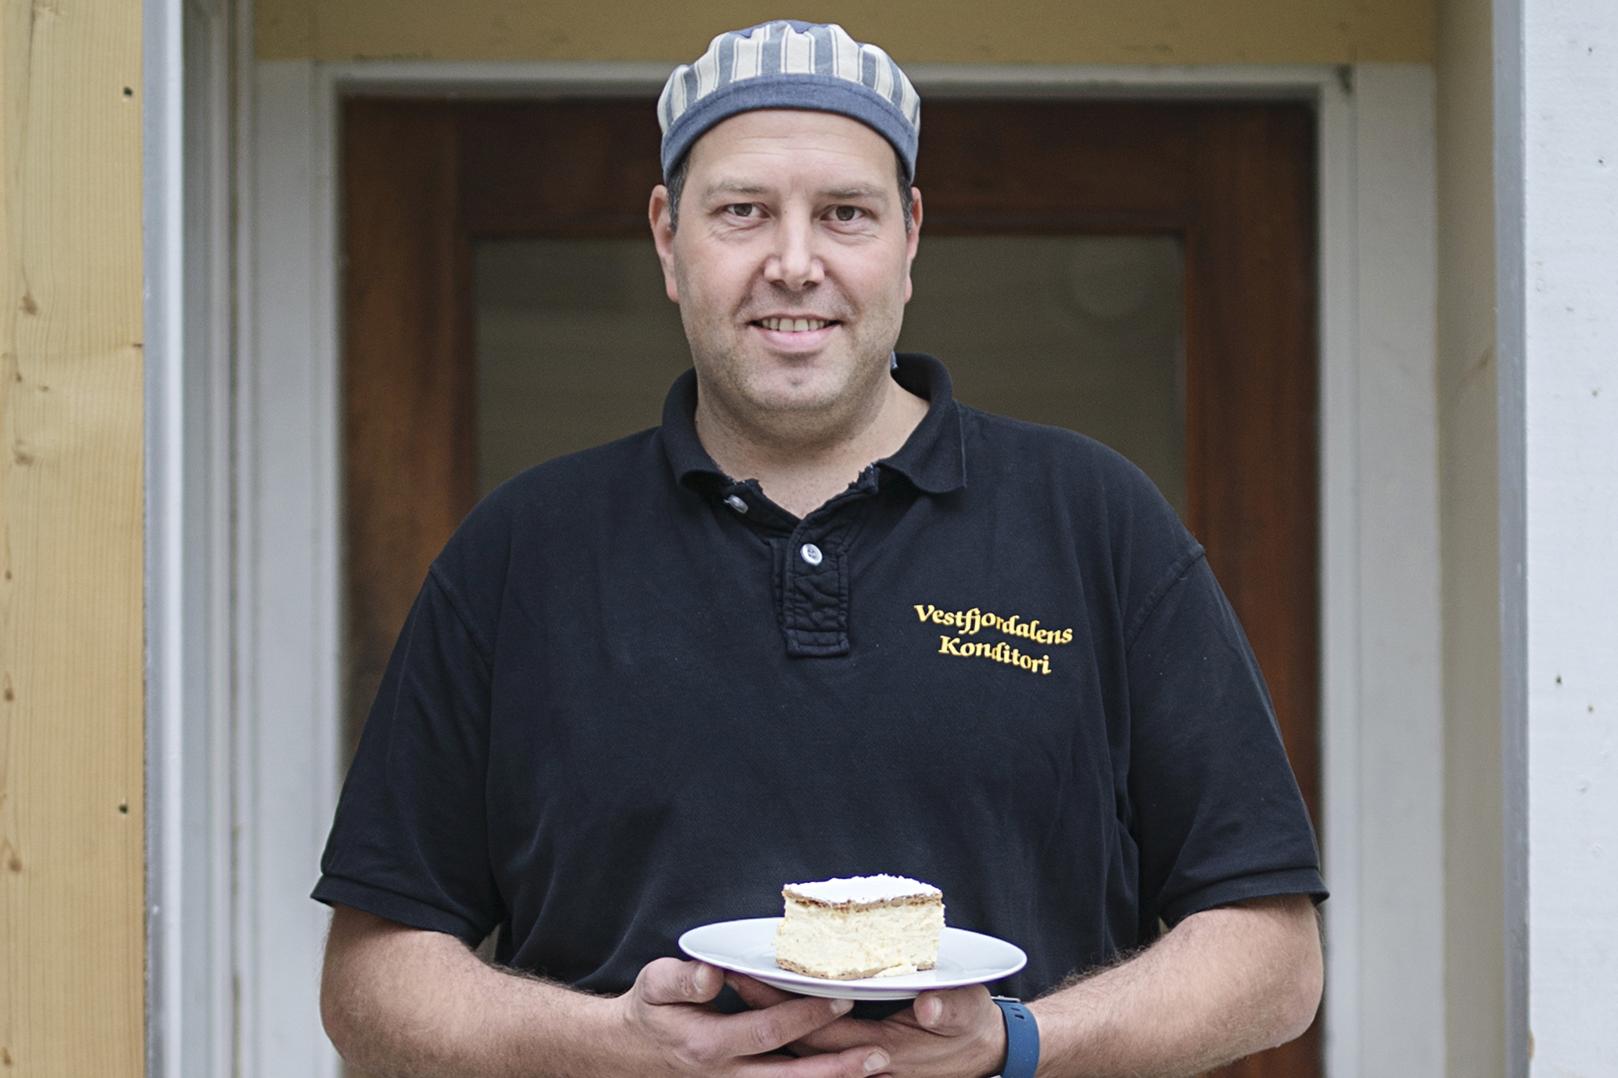 Bakeren på Vestfjorddalen Konditori står selv i disken og serverer sine kunder., © Benjamin A. Ward